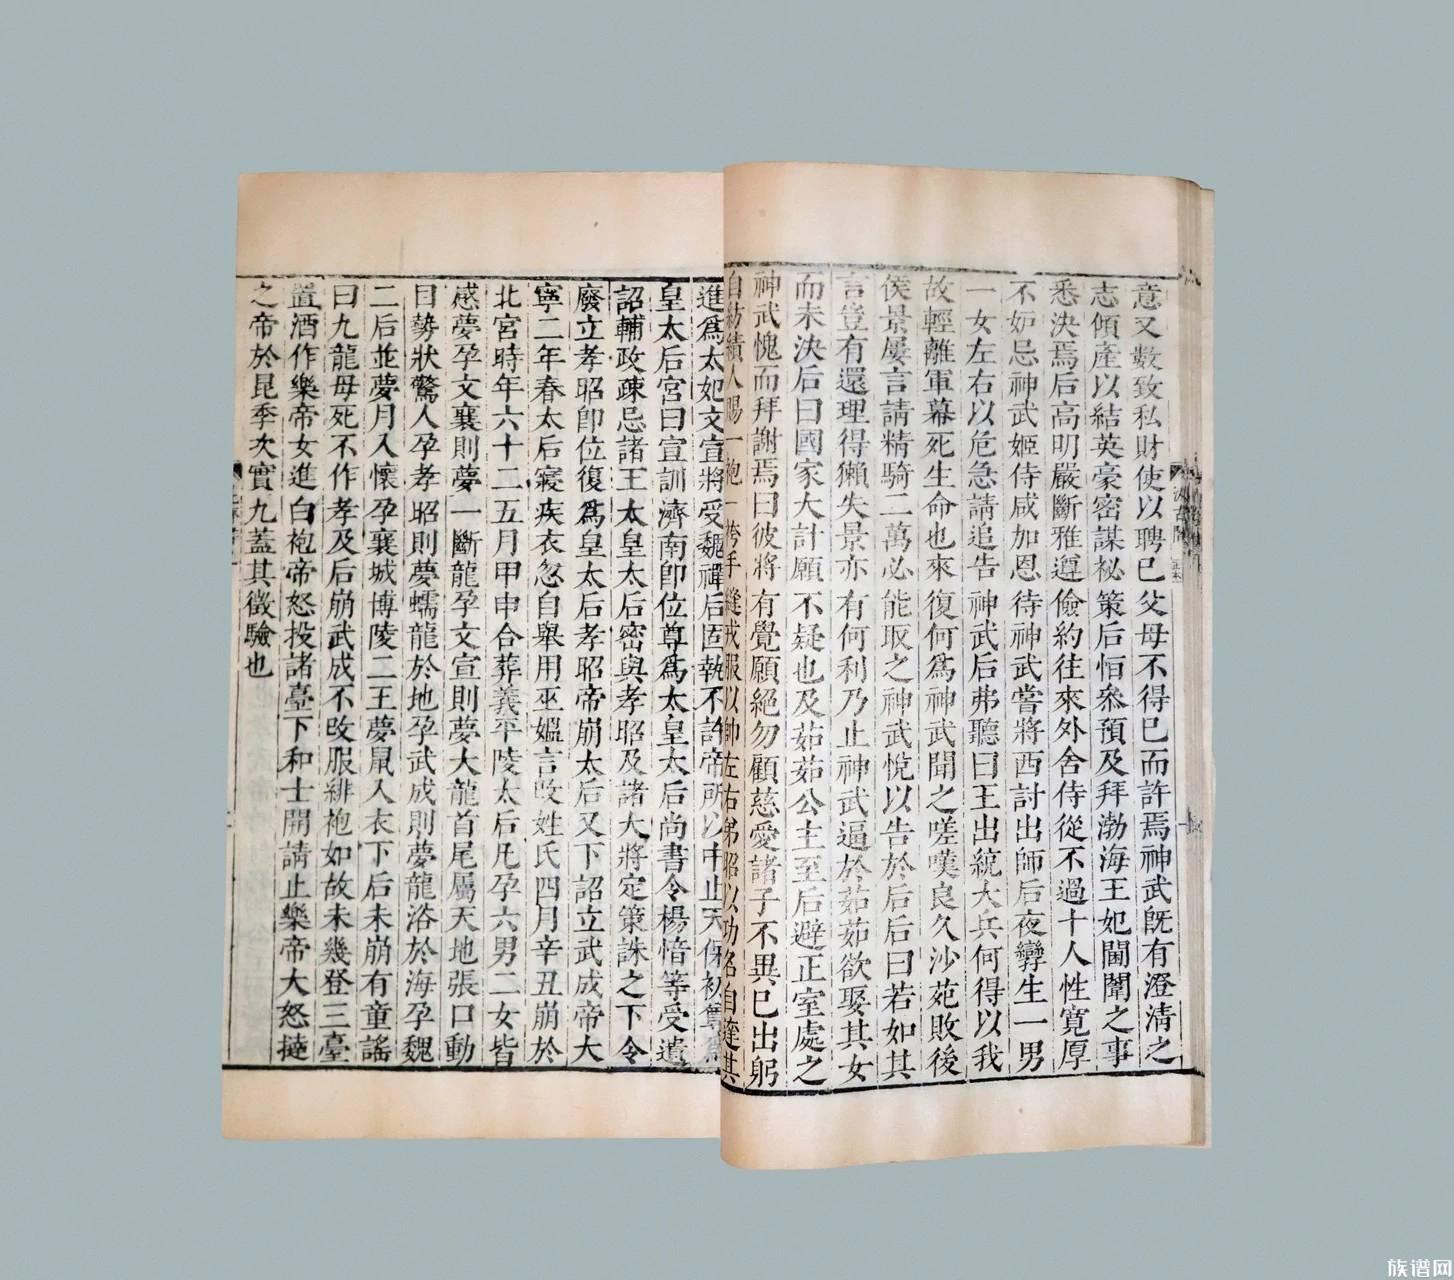 《北齐书》:集中反映东魏、北齐王朝的盛衰兴亡